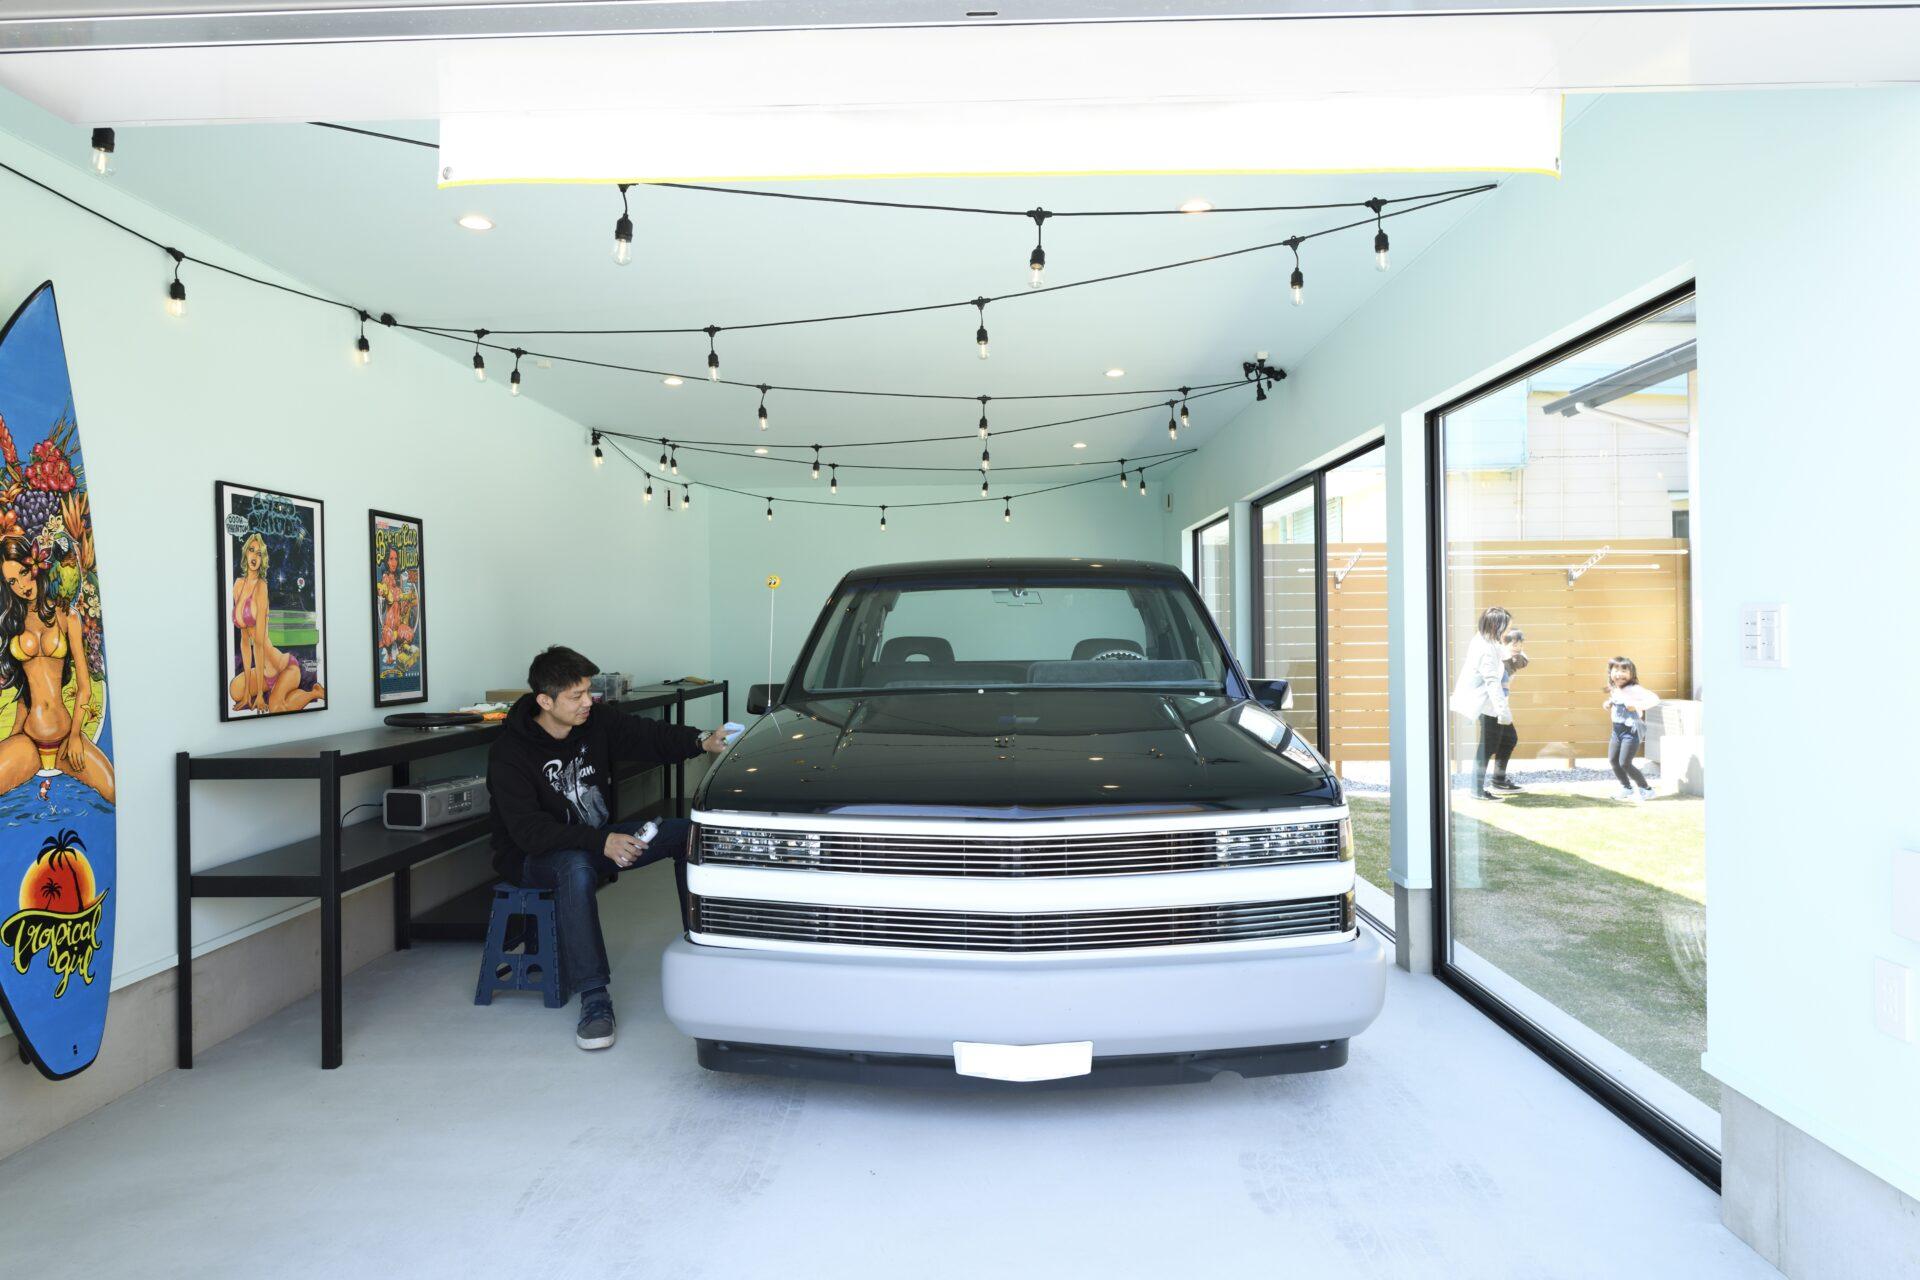 車好きの夢を叶えたリビングから愛車を眺めるガレージ